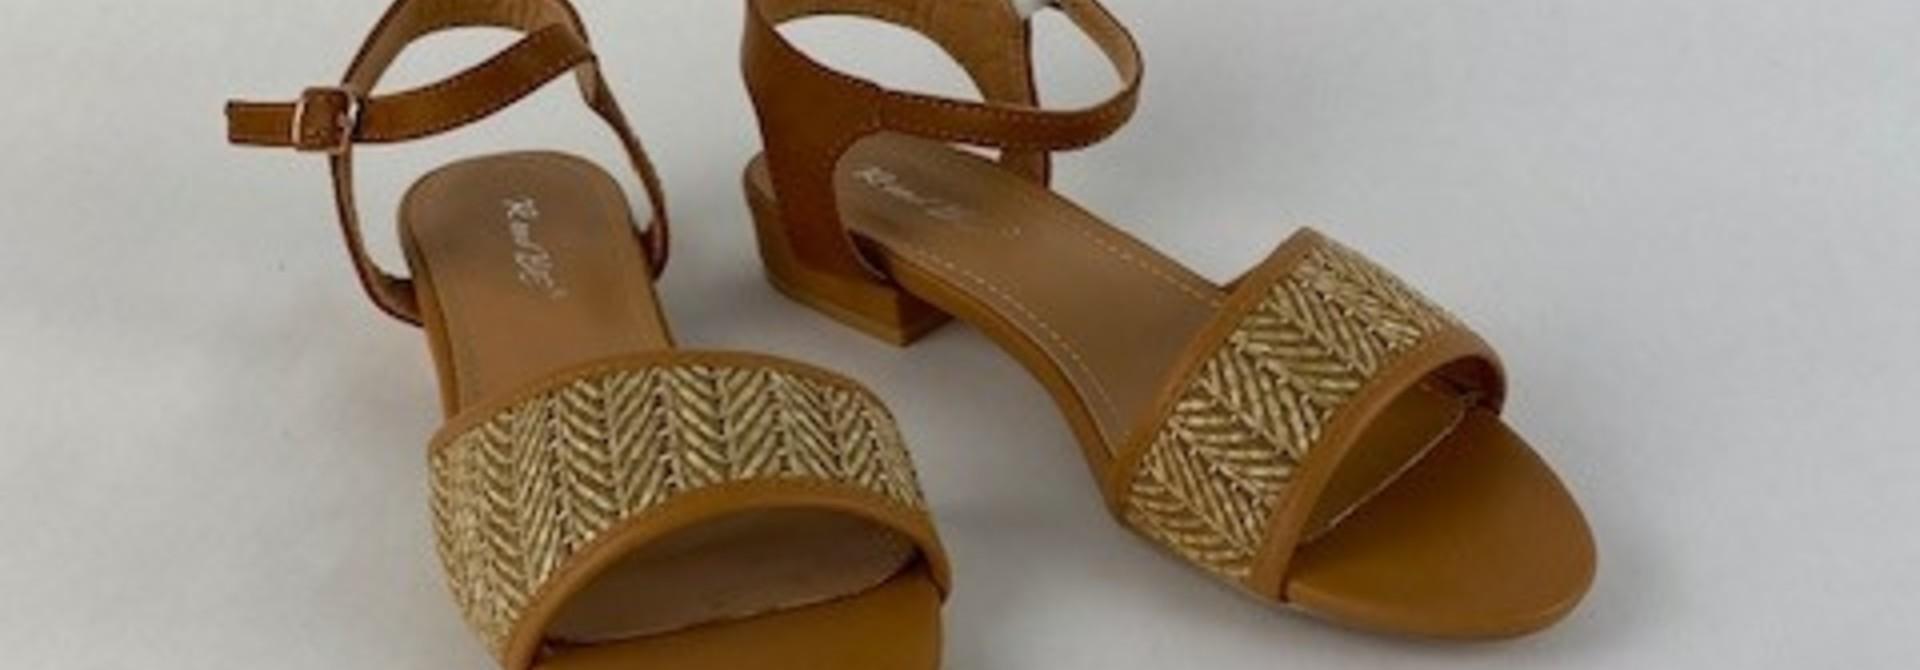 Tammy sandal Paille Camel